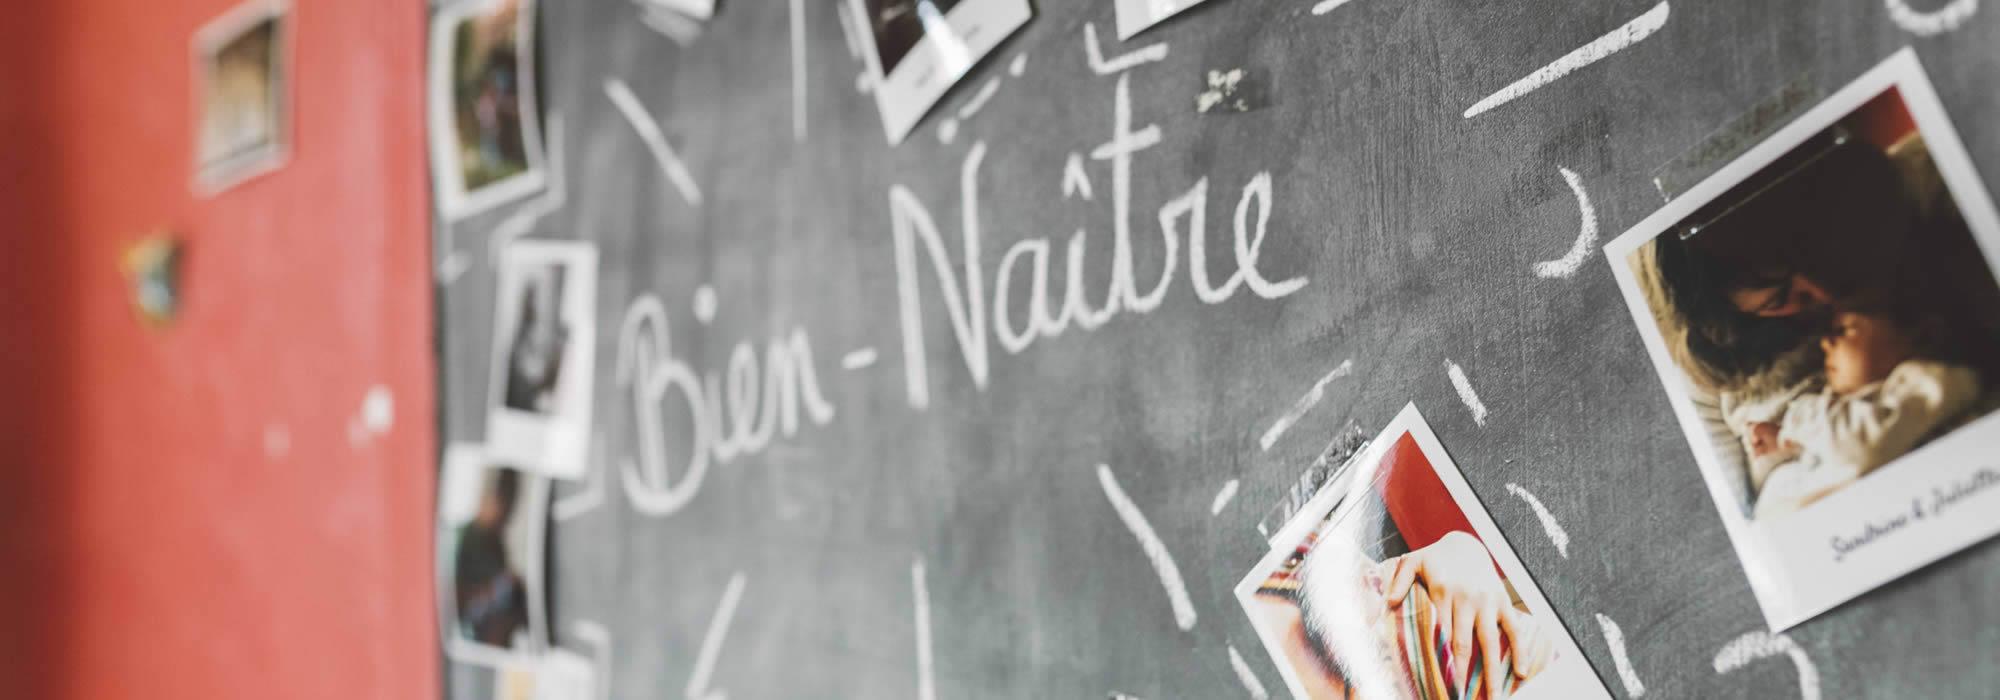 Maison de naissance de namur l 39 arche de no for Maison de naissance remiremont